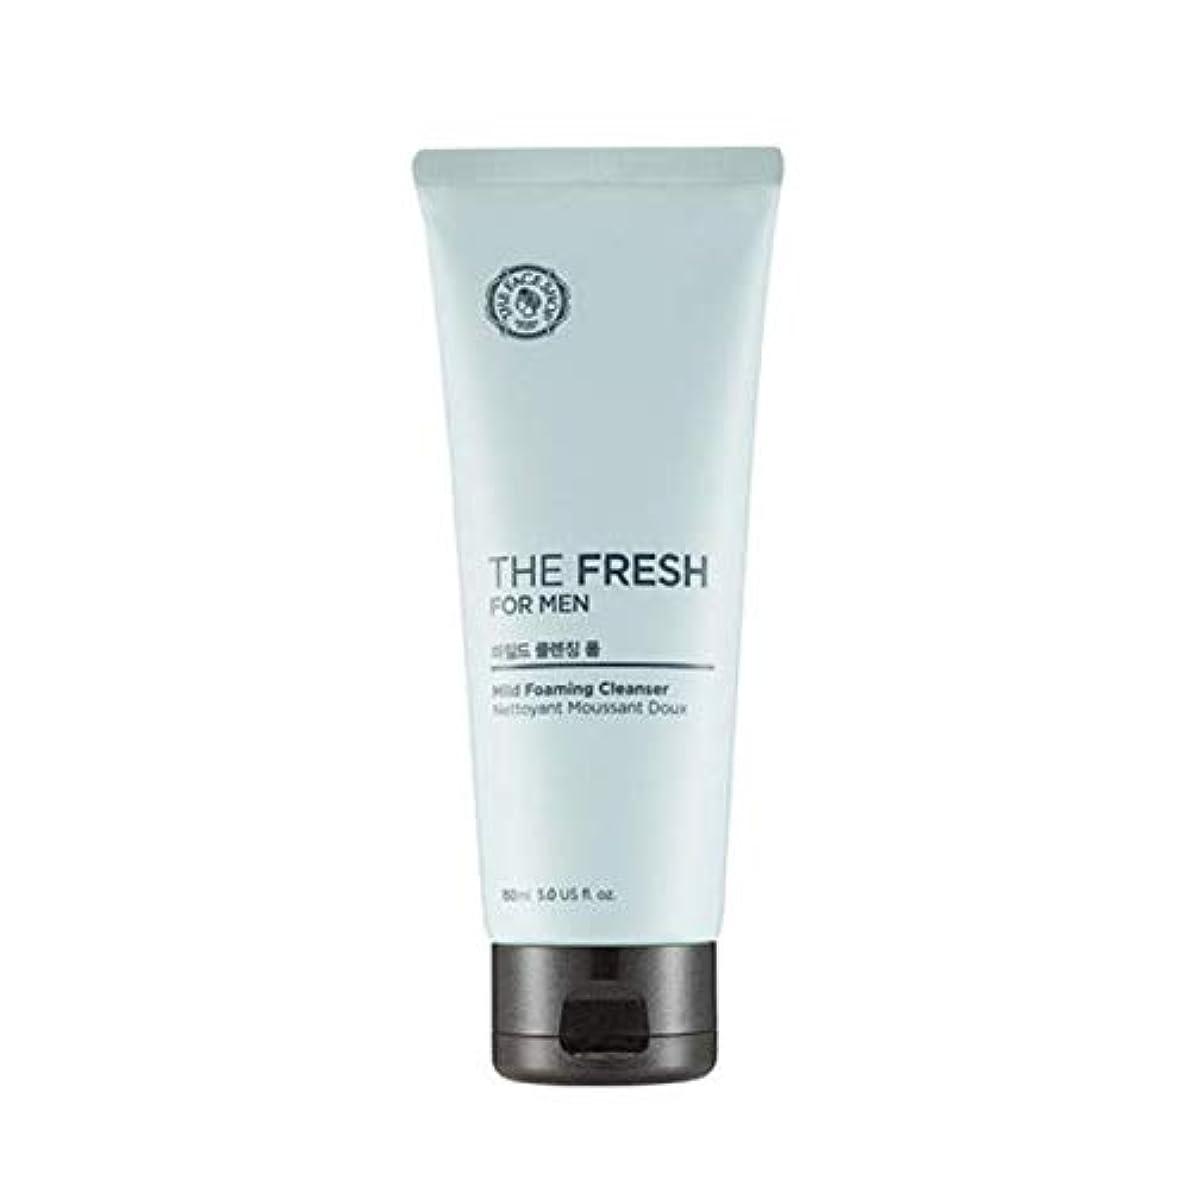 ピューアコー排除するザフェイスショップ ザフレッシュフォーメンマイルドフォーミングクレンザー 150ml / THE FACE SHOP The Fresh For Men Mild Foaming Cleanser 150ml [並行輸入品]